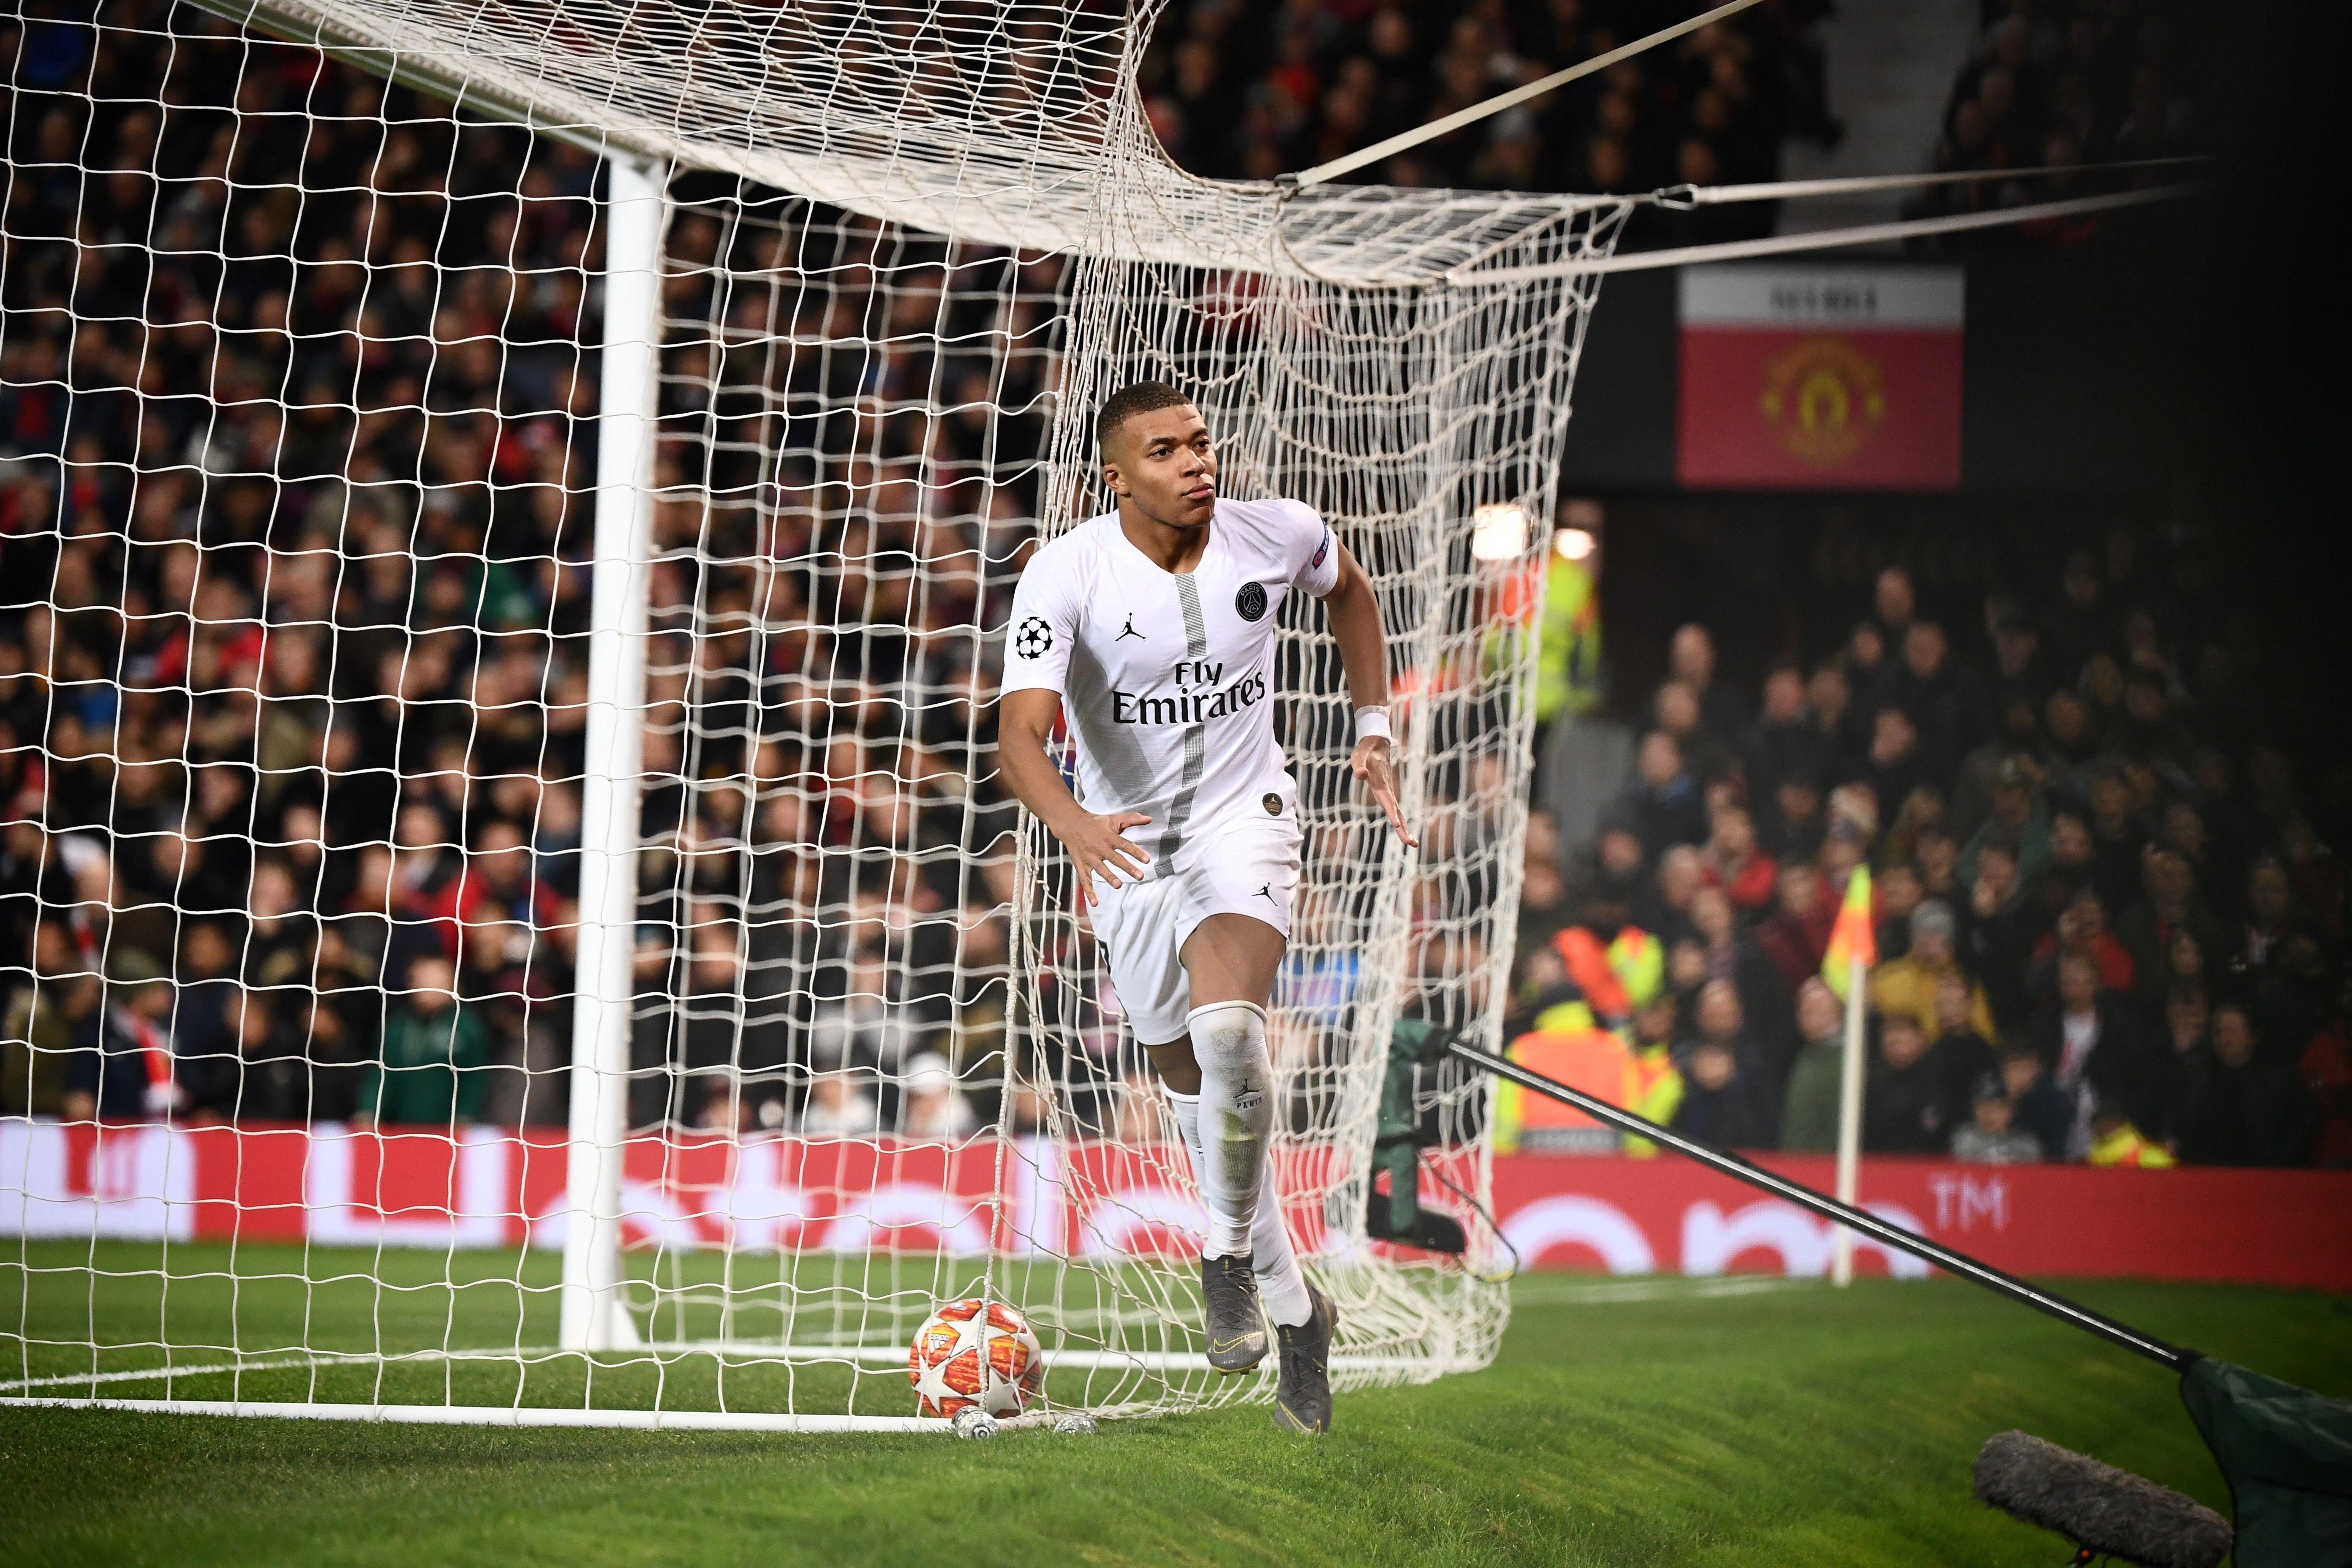 Kylian Mbappé lors de Manchester United - PSG / Ligue des champions